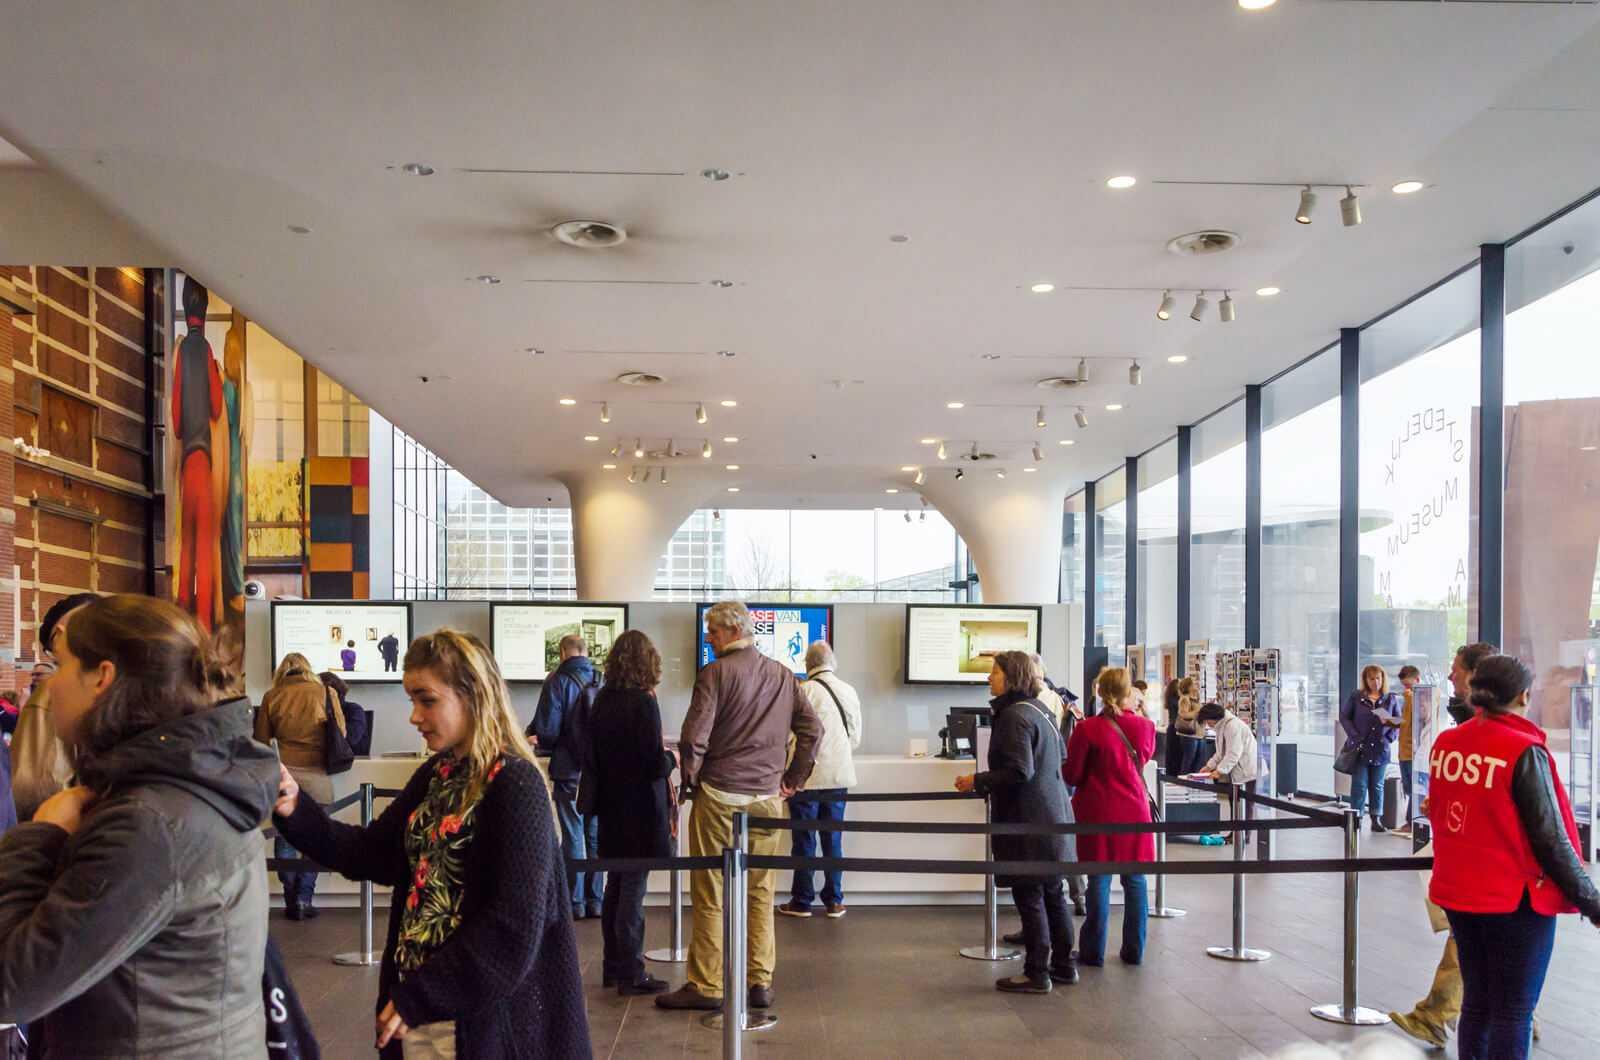 מוזיאון סטיידלק אמסטרדם